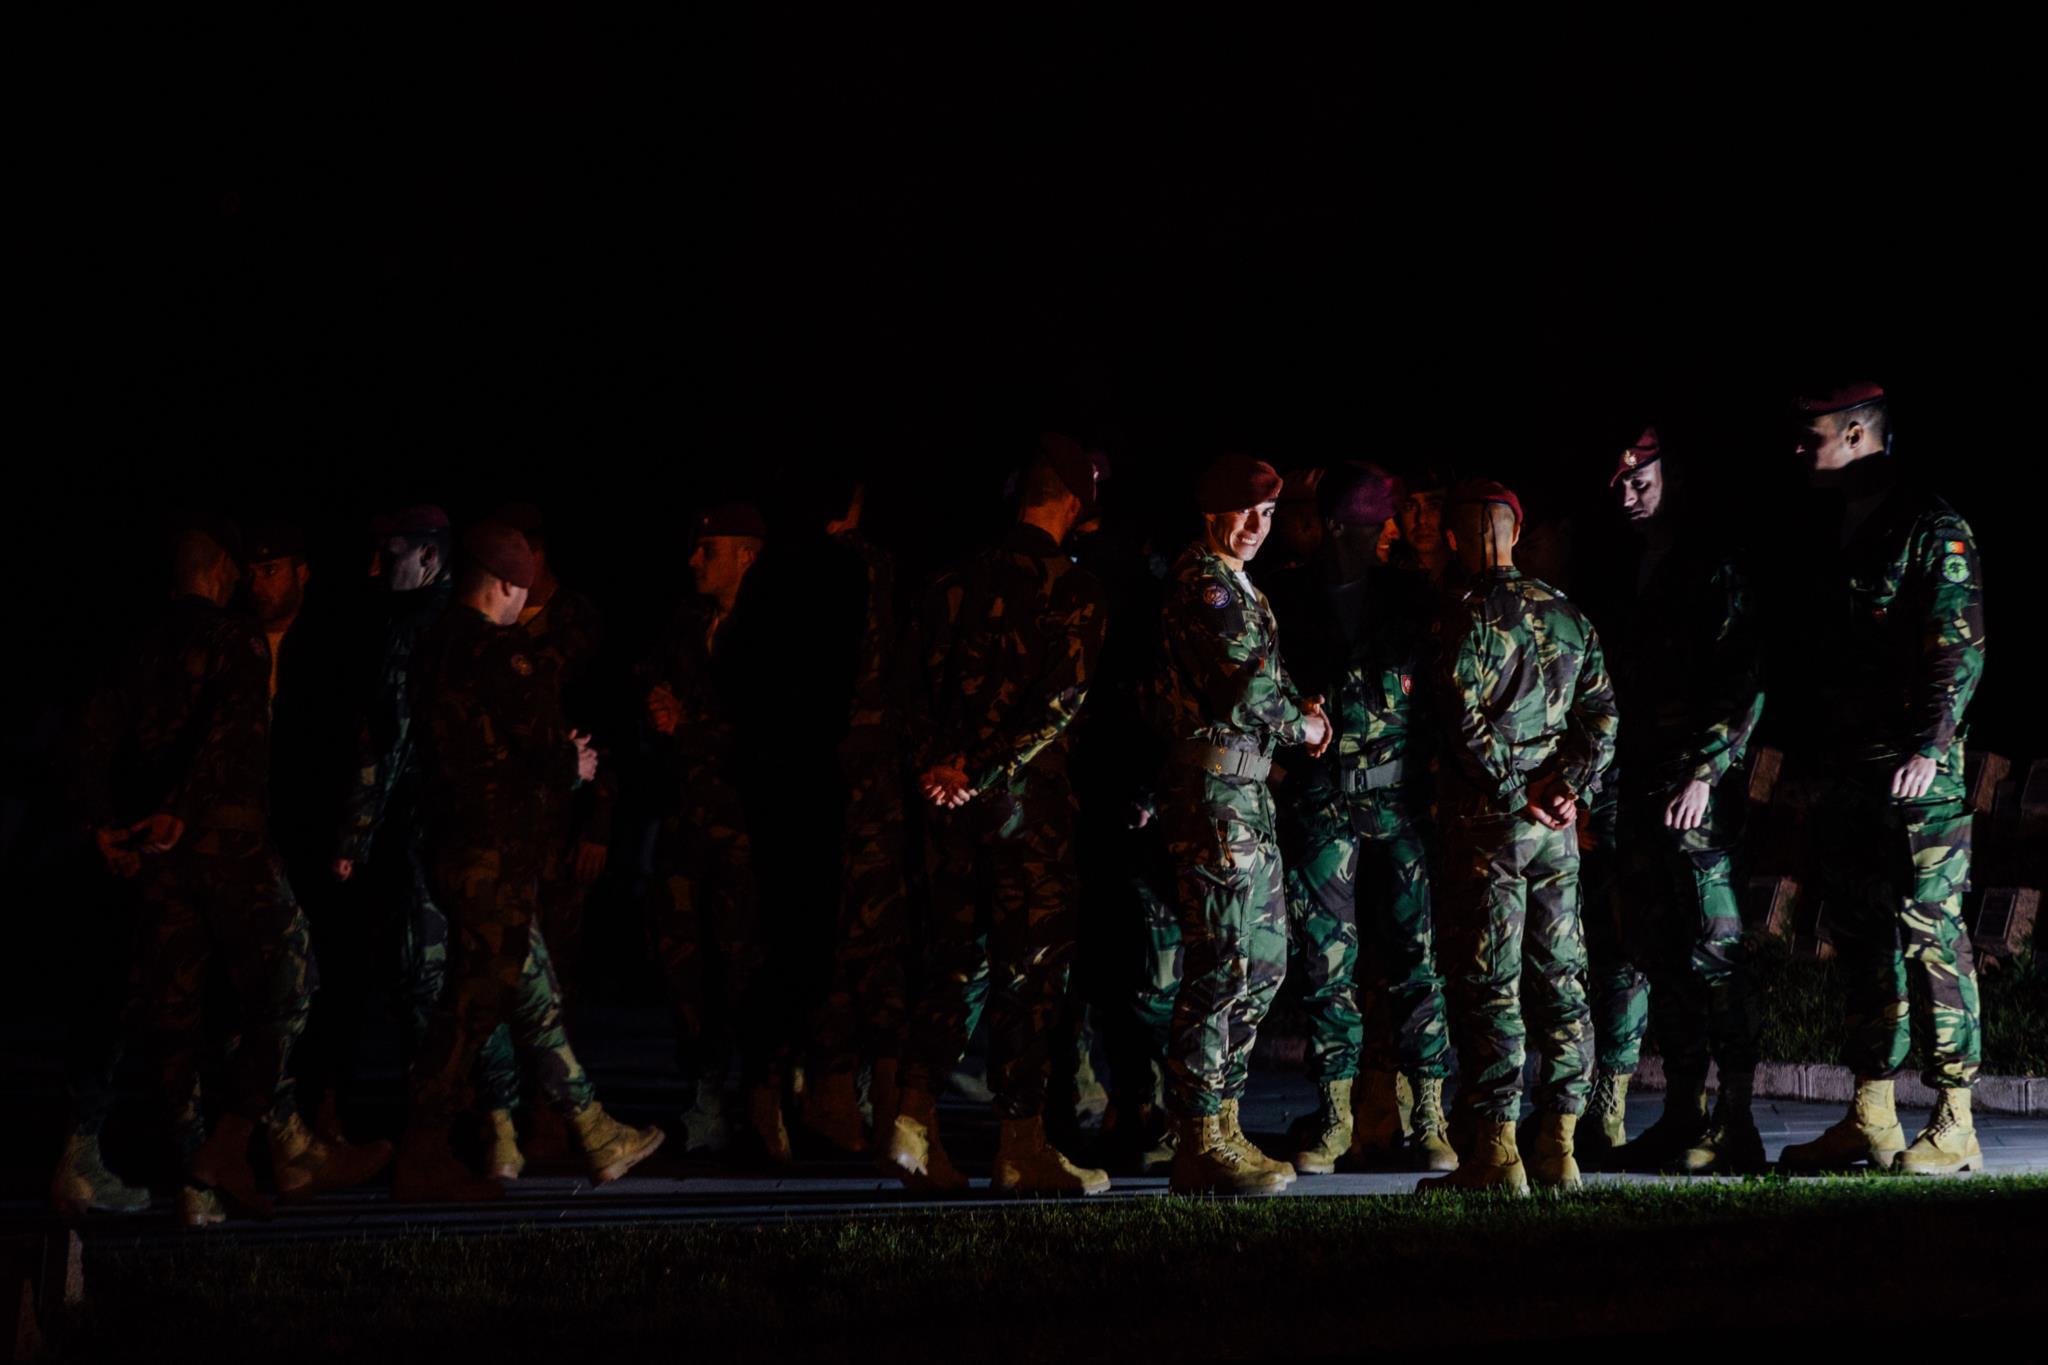 PÚBLICO - Comandos: chefe de instrutores indiciado por ofensas à integridade física no exercício de funções militares